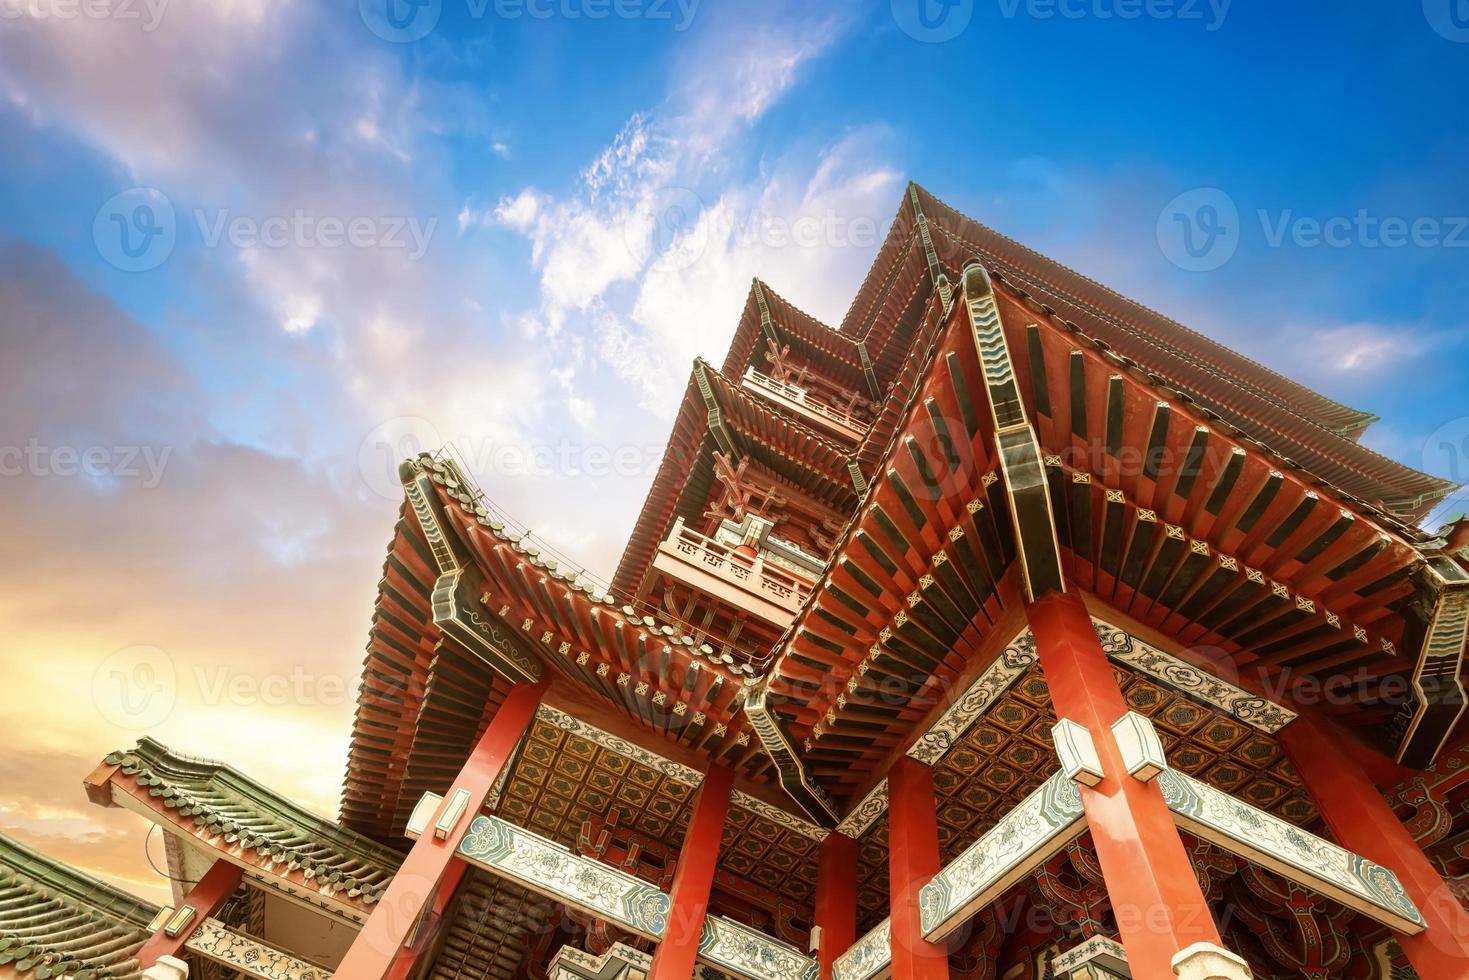 architettura antica cinese, religiosi antichi foto